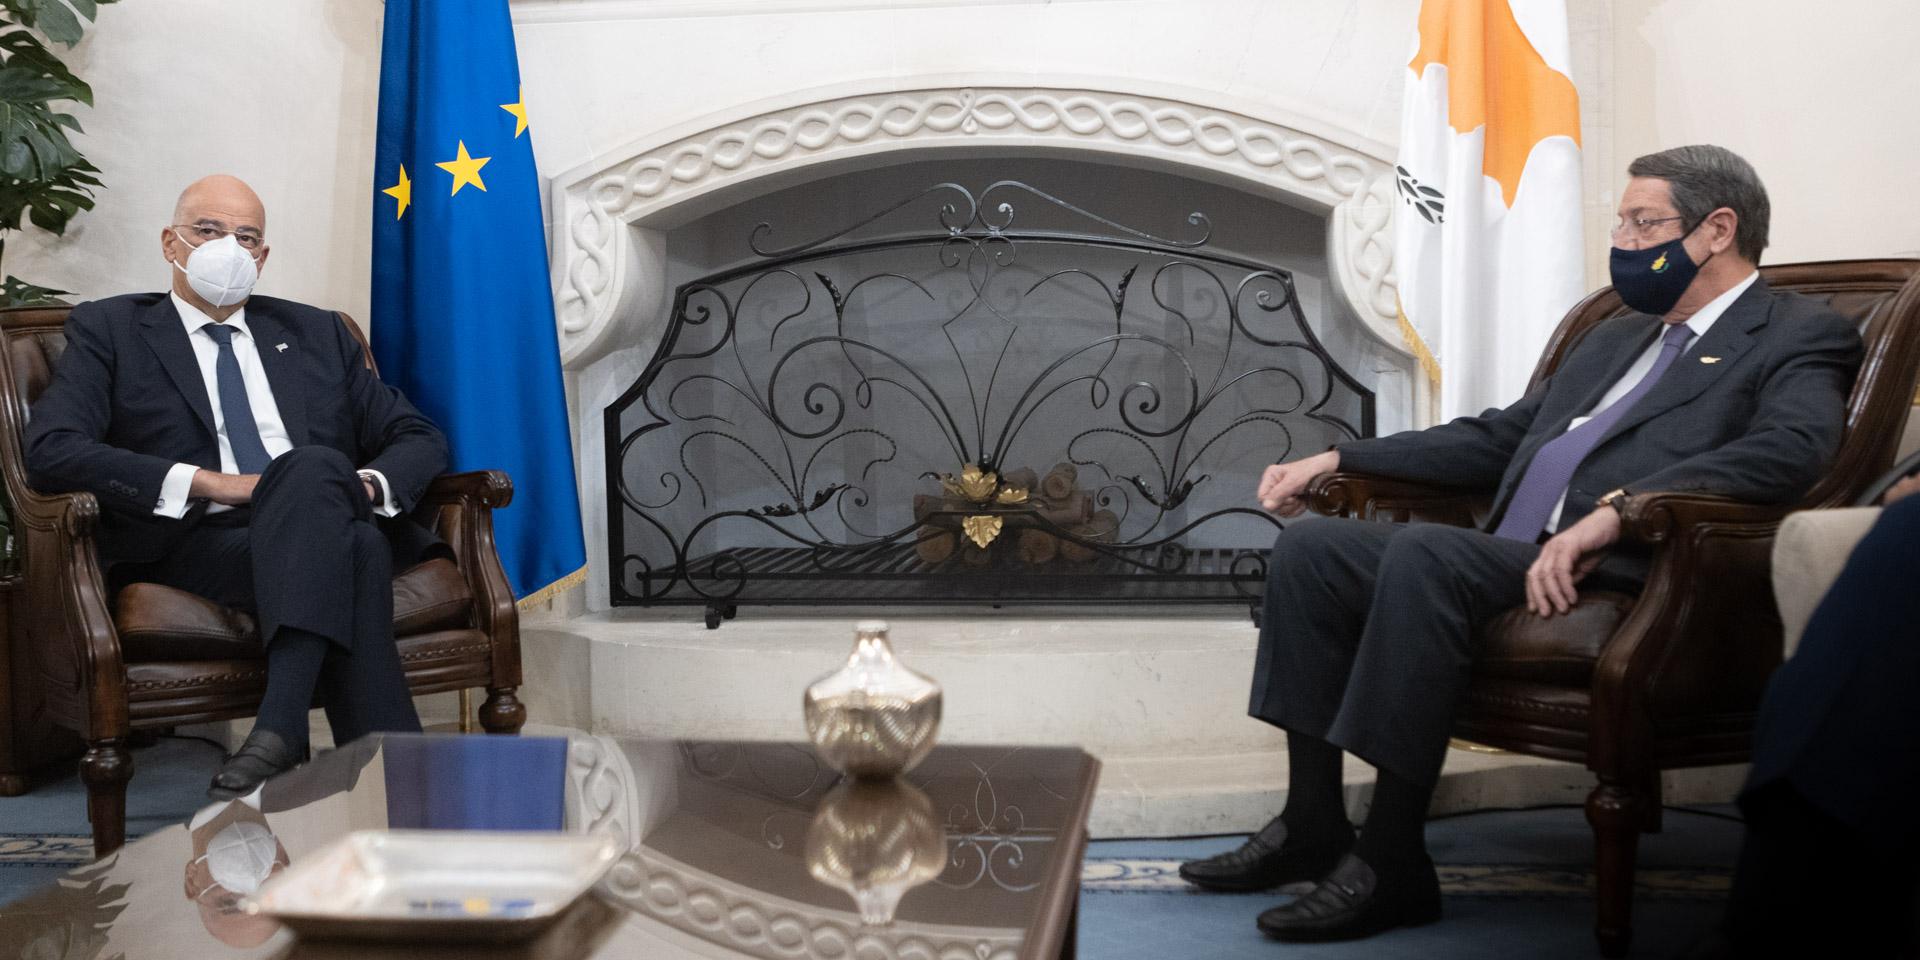 Νίκος Δένδιας: «Δεν θα ανεχτούμε την τουρκική παραβατικότητα και την επιβολή τετελεσμένων»